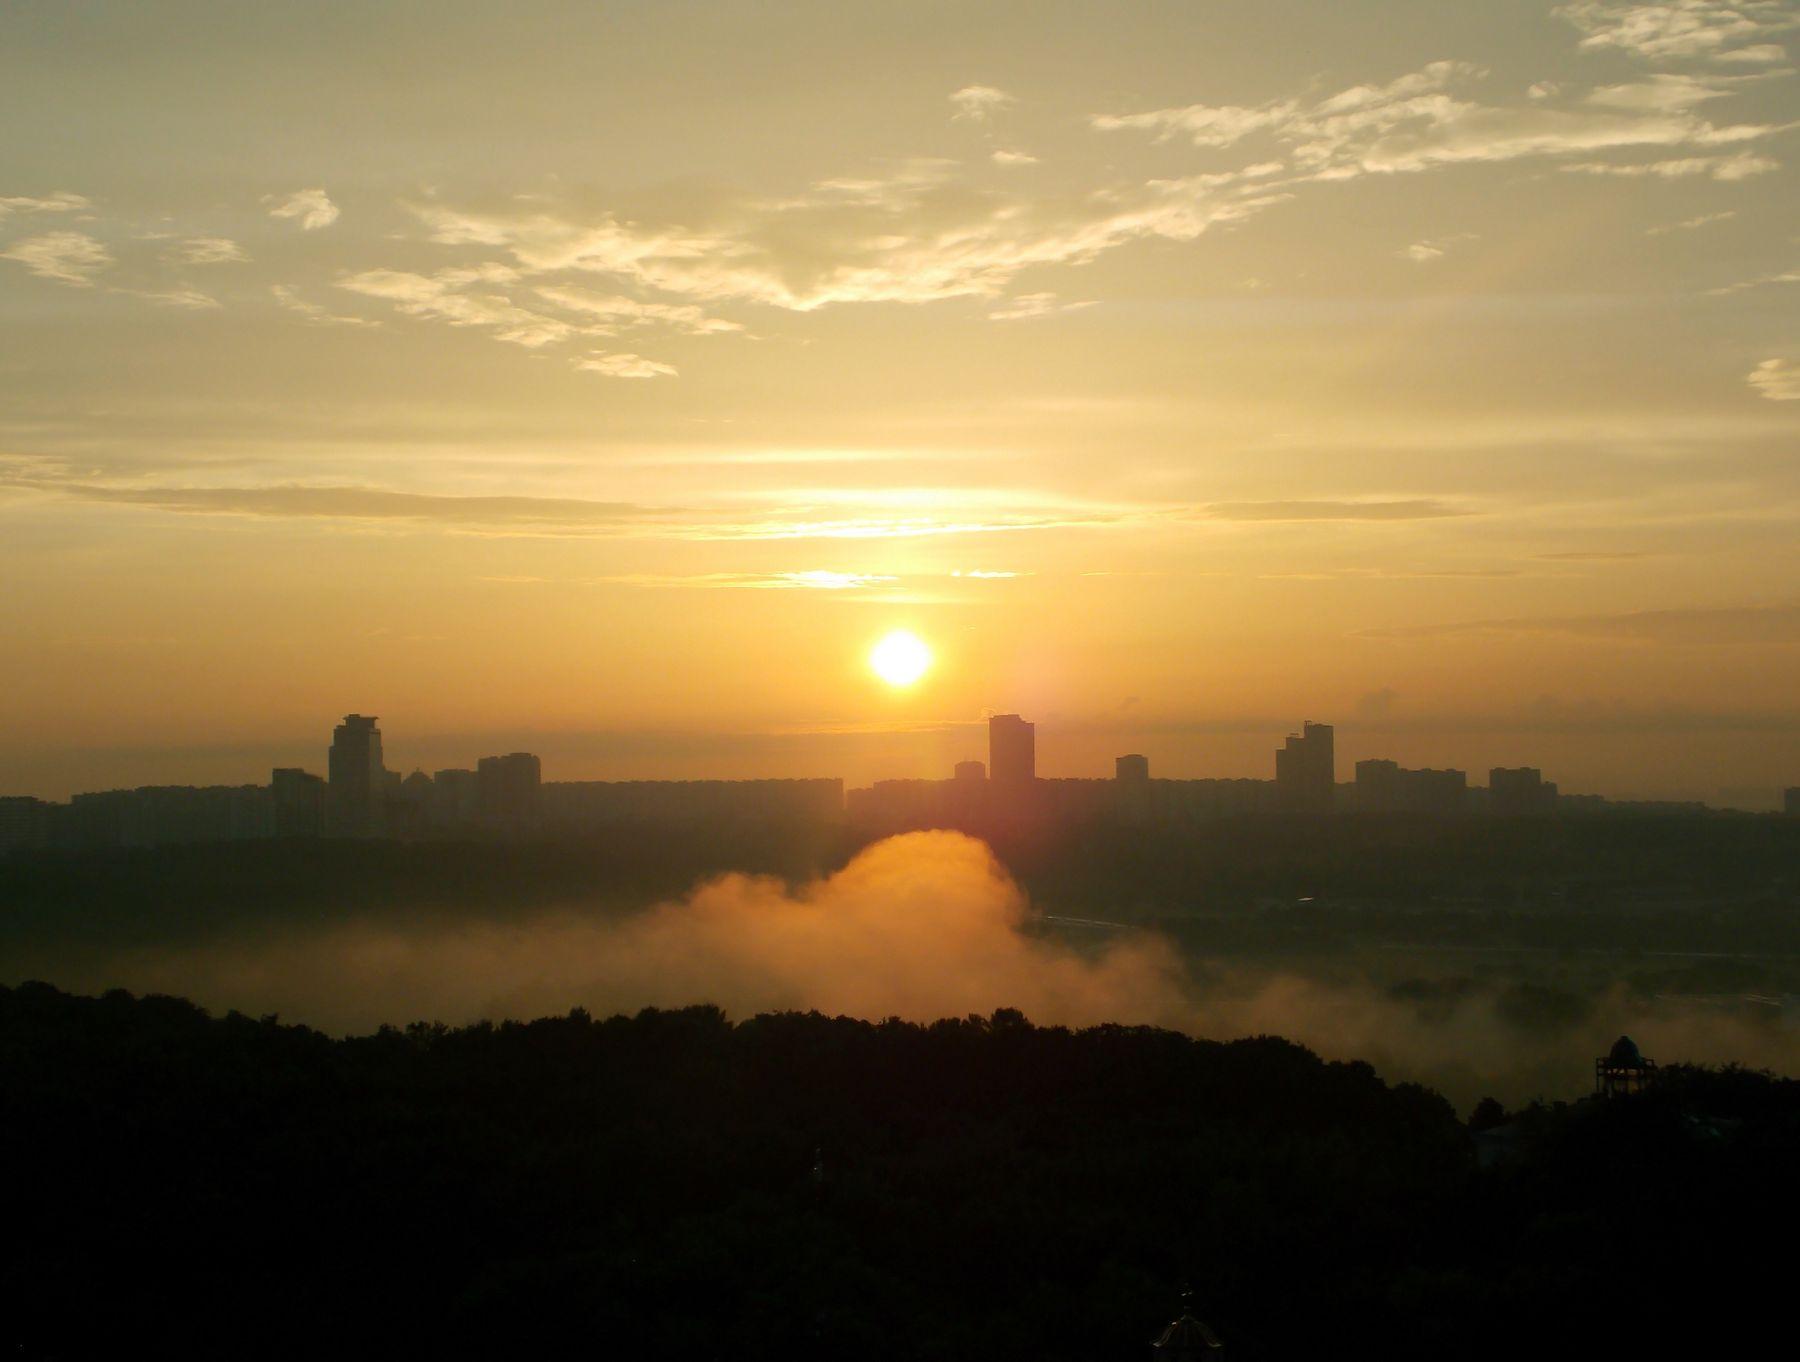 туманный закат над Крылатским Крылатское Москва-река Суворовский парк туман закат